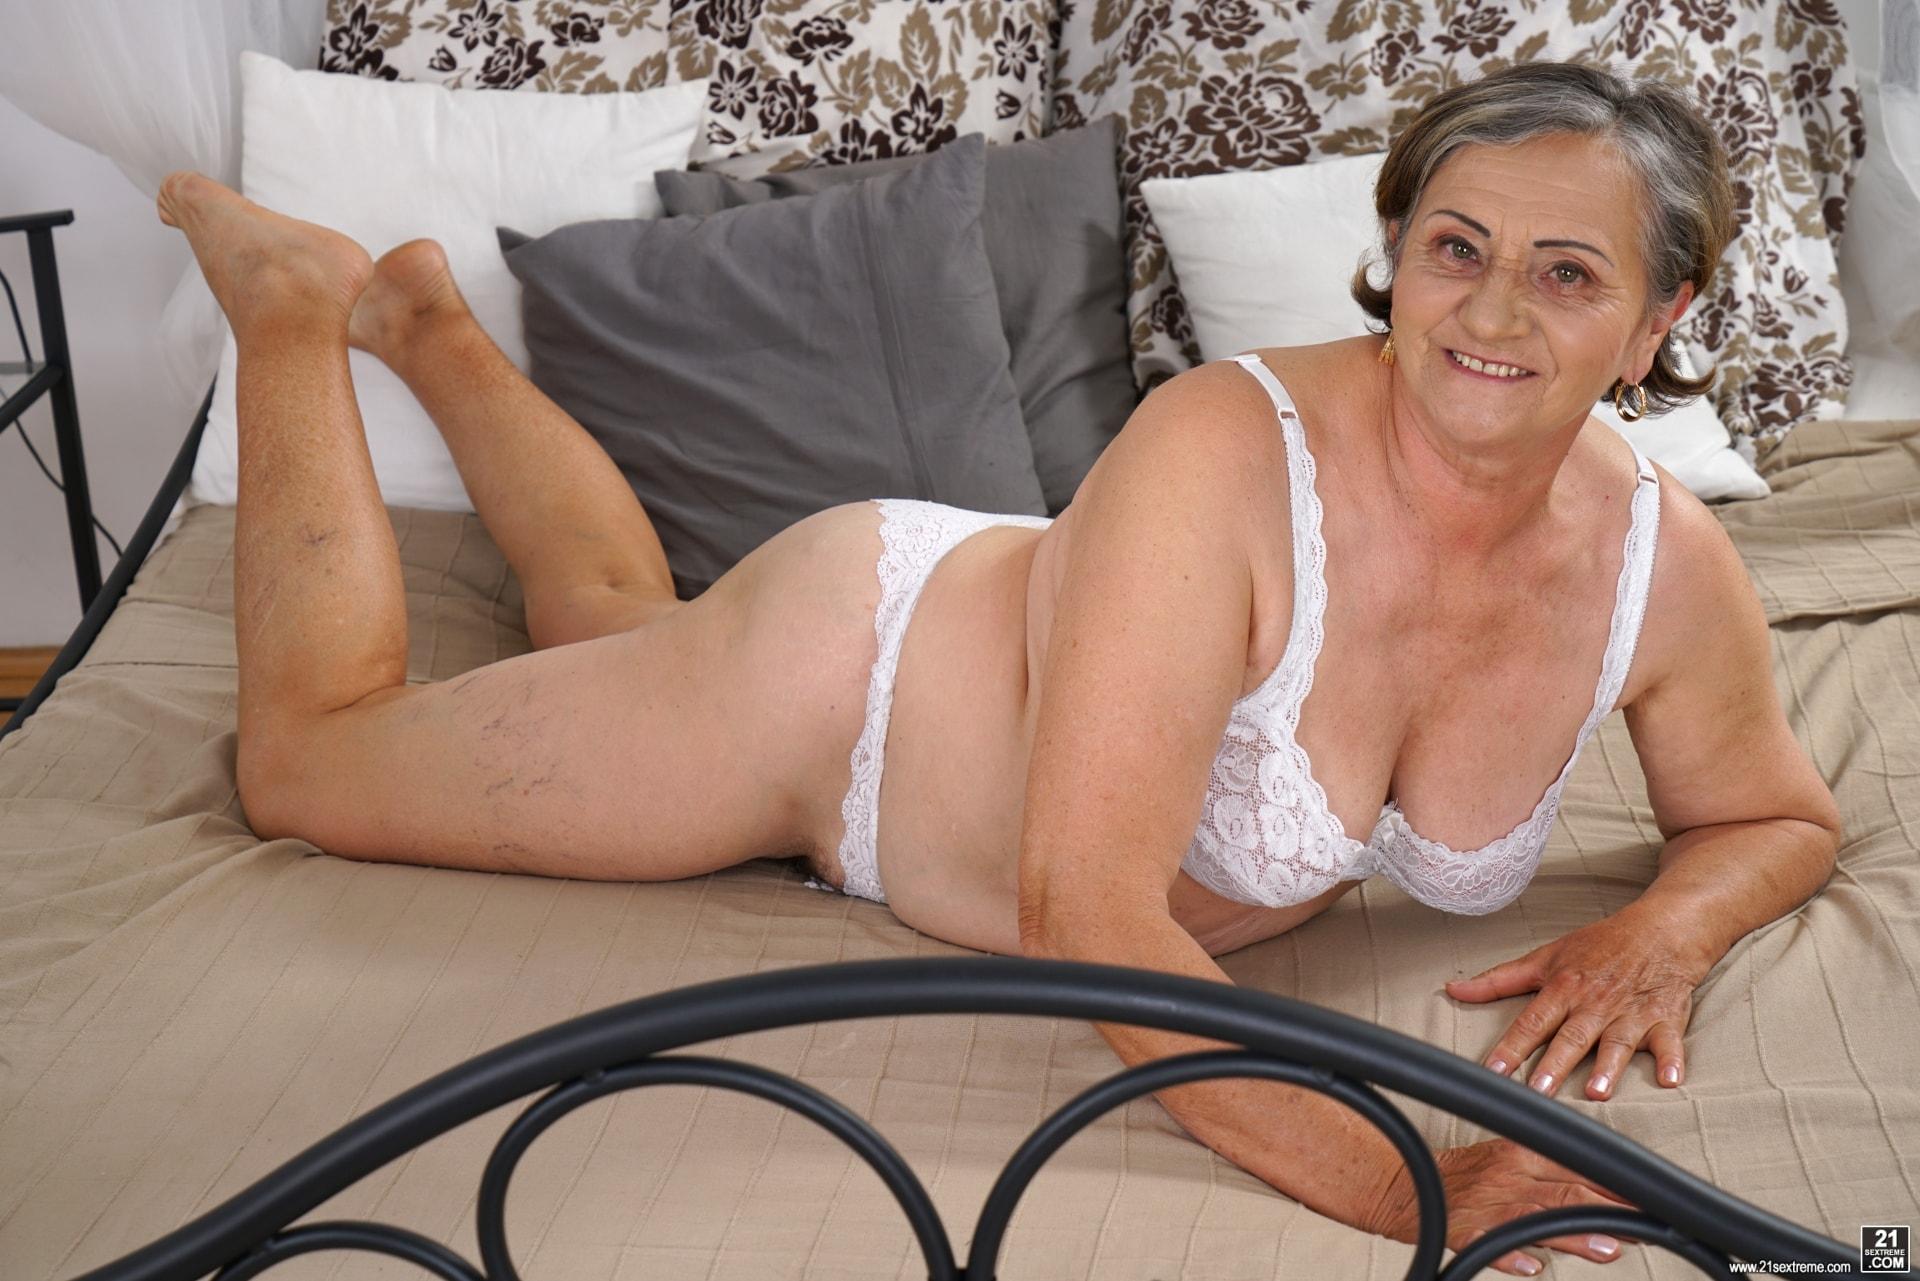 21Sextury 'Horny Hairy Granny' starring Kata (Photo 18)